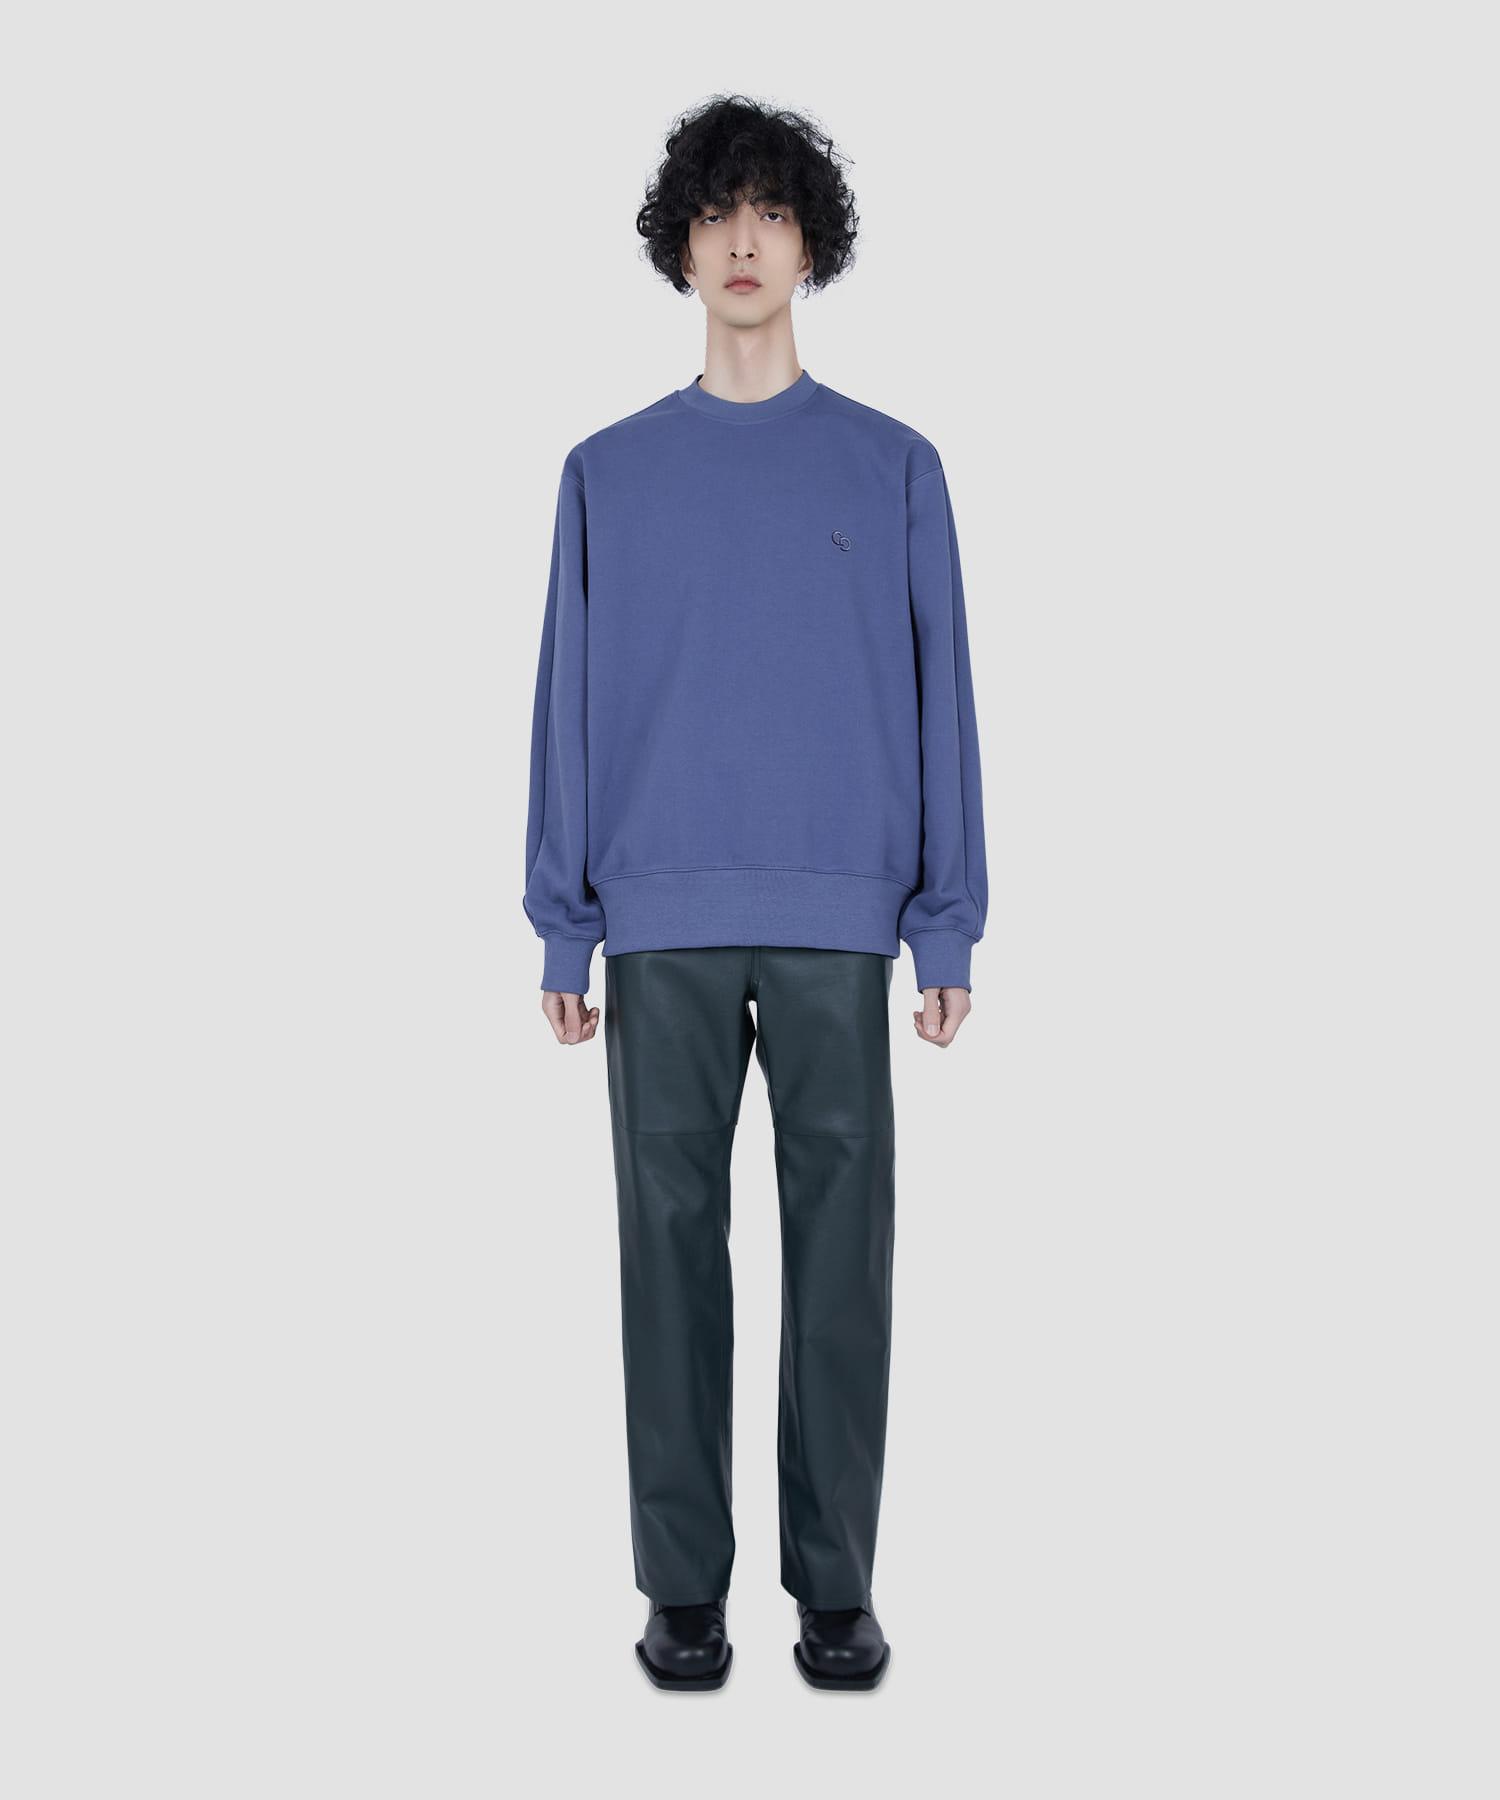 블루 로고 자수 스웨트셔츠